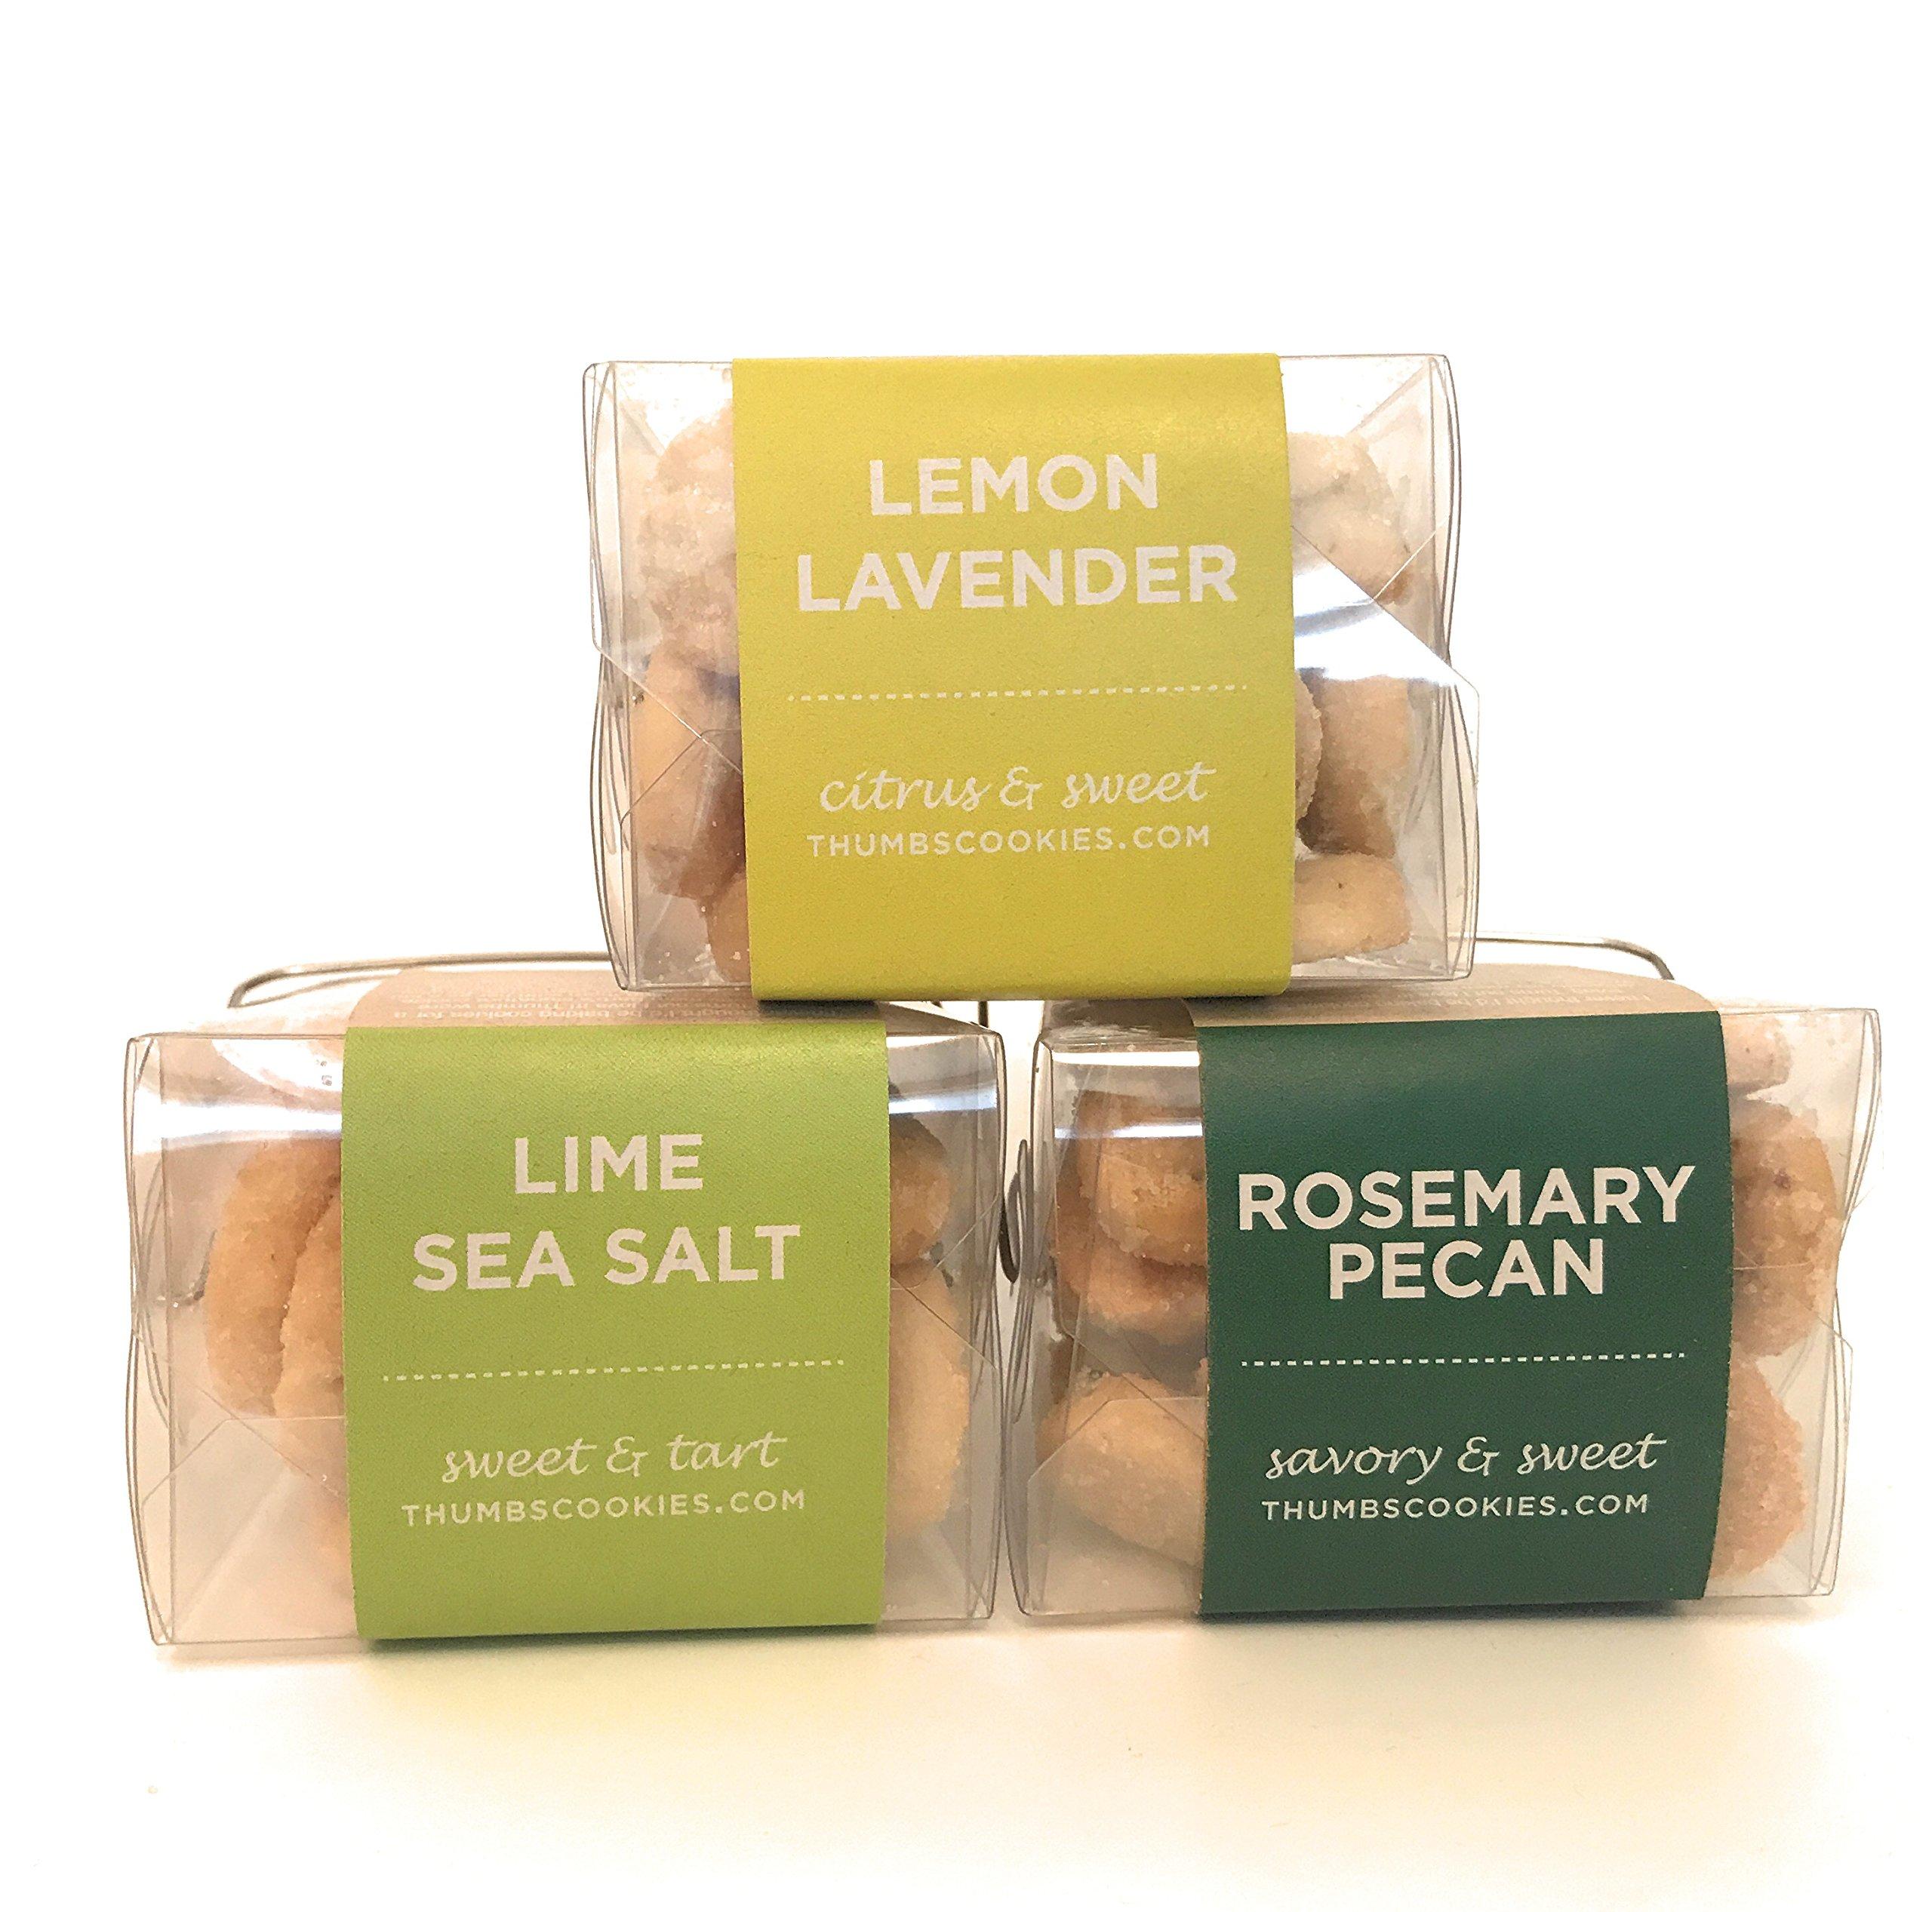 Thumbs Cookies Variety Pack of Fresh Baked Cookies in 3 Boxes - Rosemary Pecan, Lime Sea Salt, Lemon Lavendar - 1 lb. Cookie Gift Box